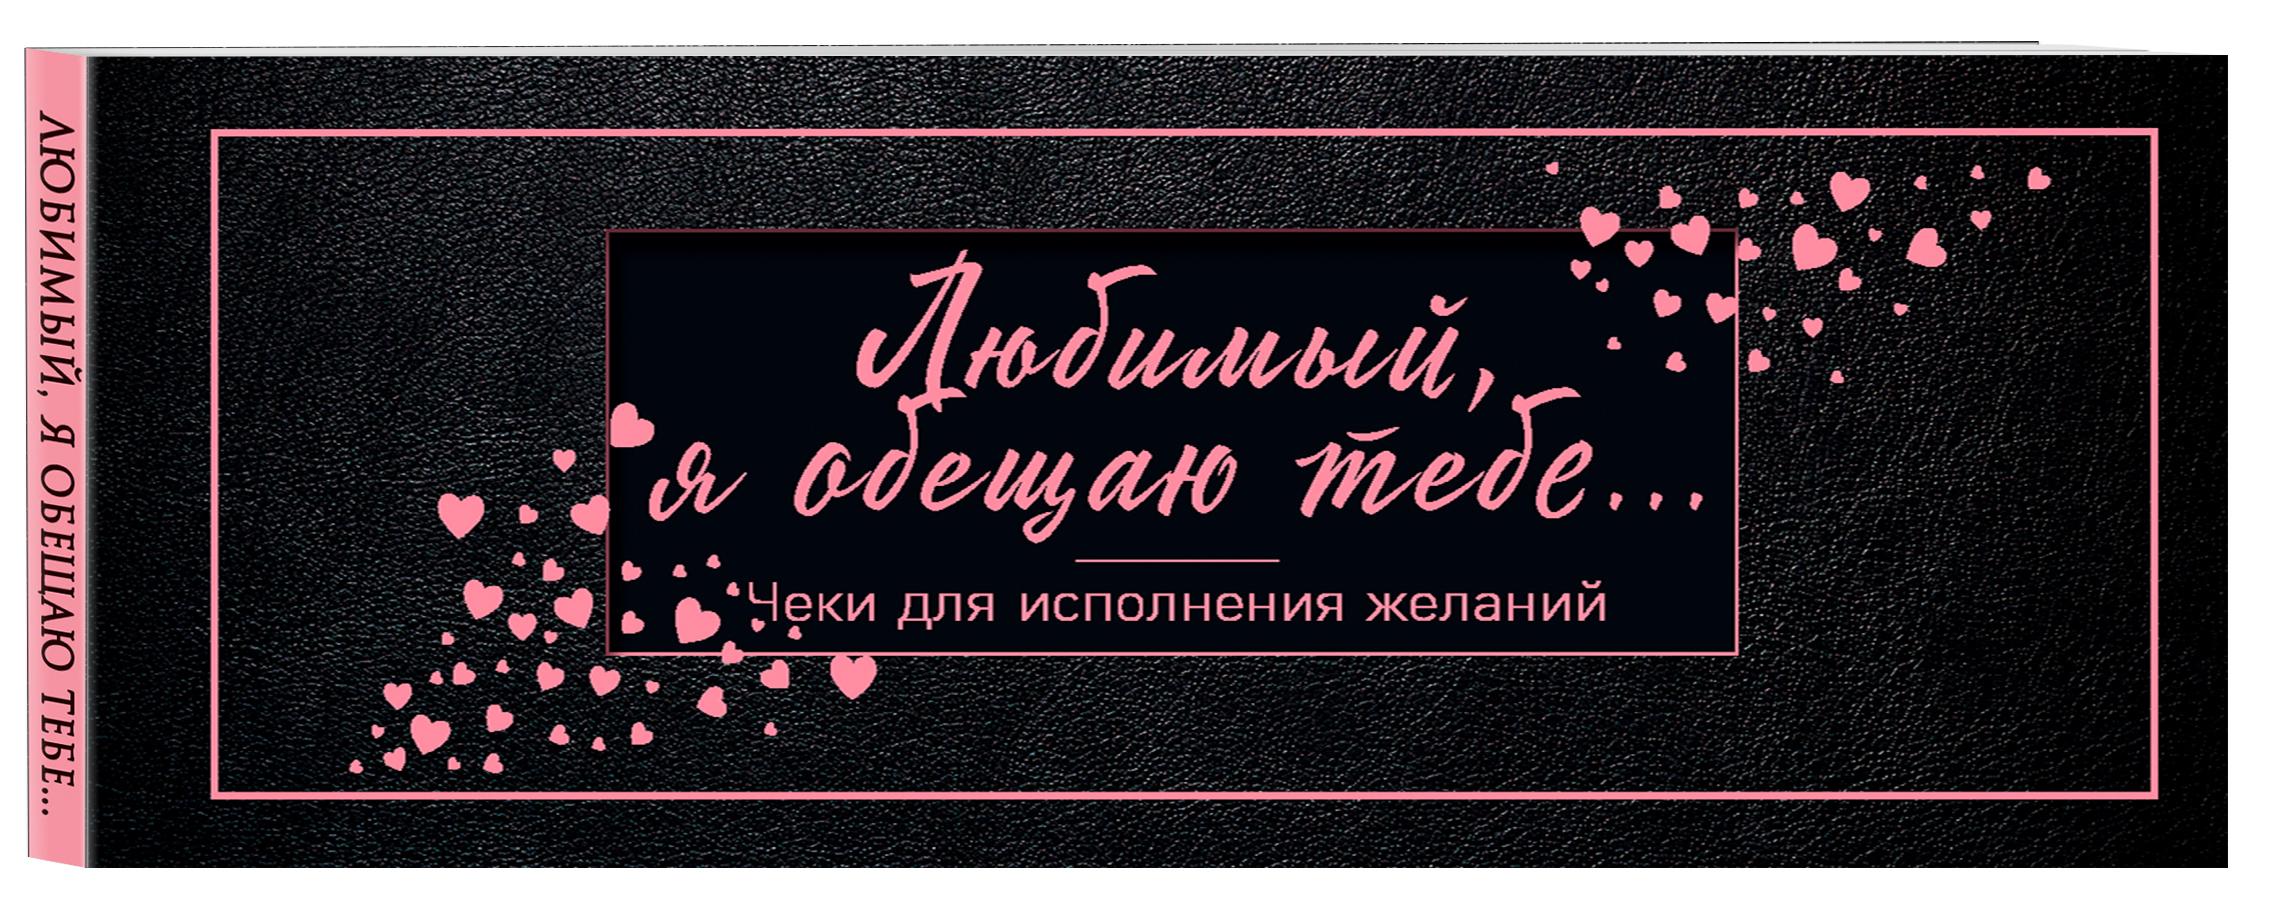 Любимый, я обещаю тебе... Чеки для исполнения желаний (черные) love is любимая я обещаю тебе чеки для исполнения желаний